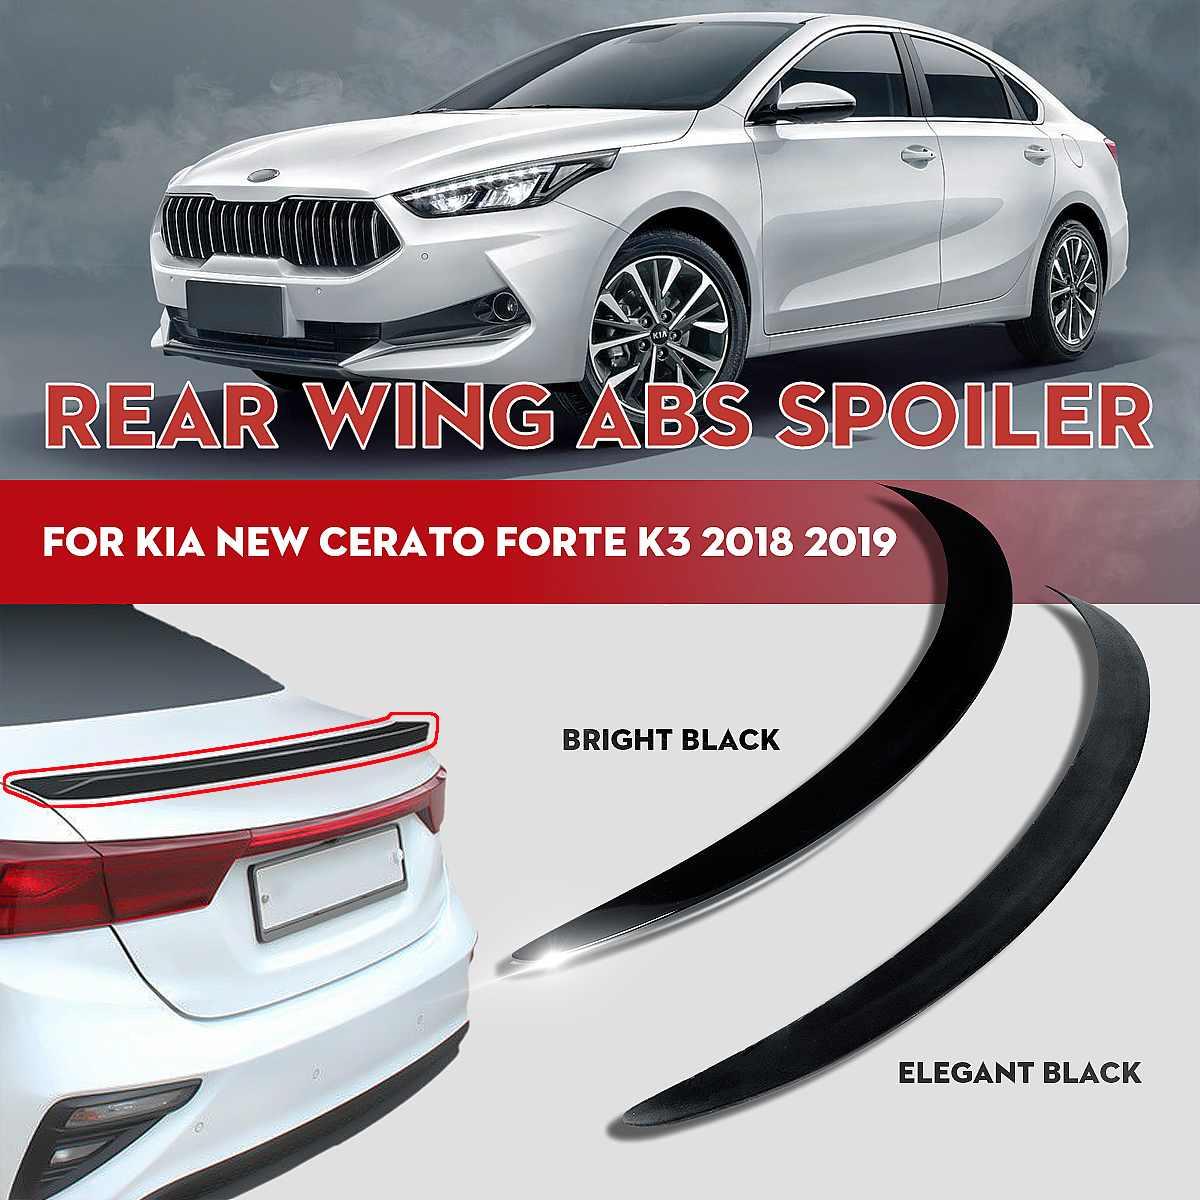 ABS araba arka bagaj Spoiler dudak kanat koruyucu mat parlak siyah Kia Cerato Forte için spor GT 2018 2019